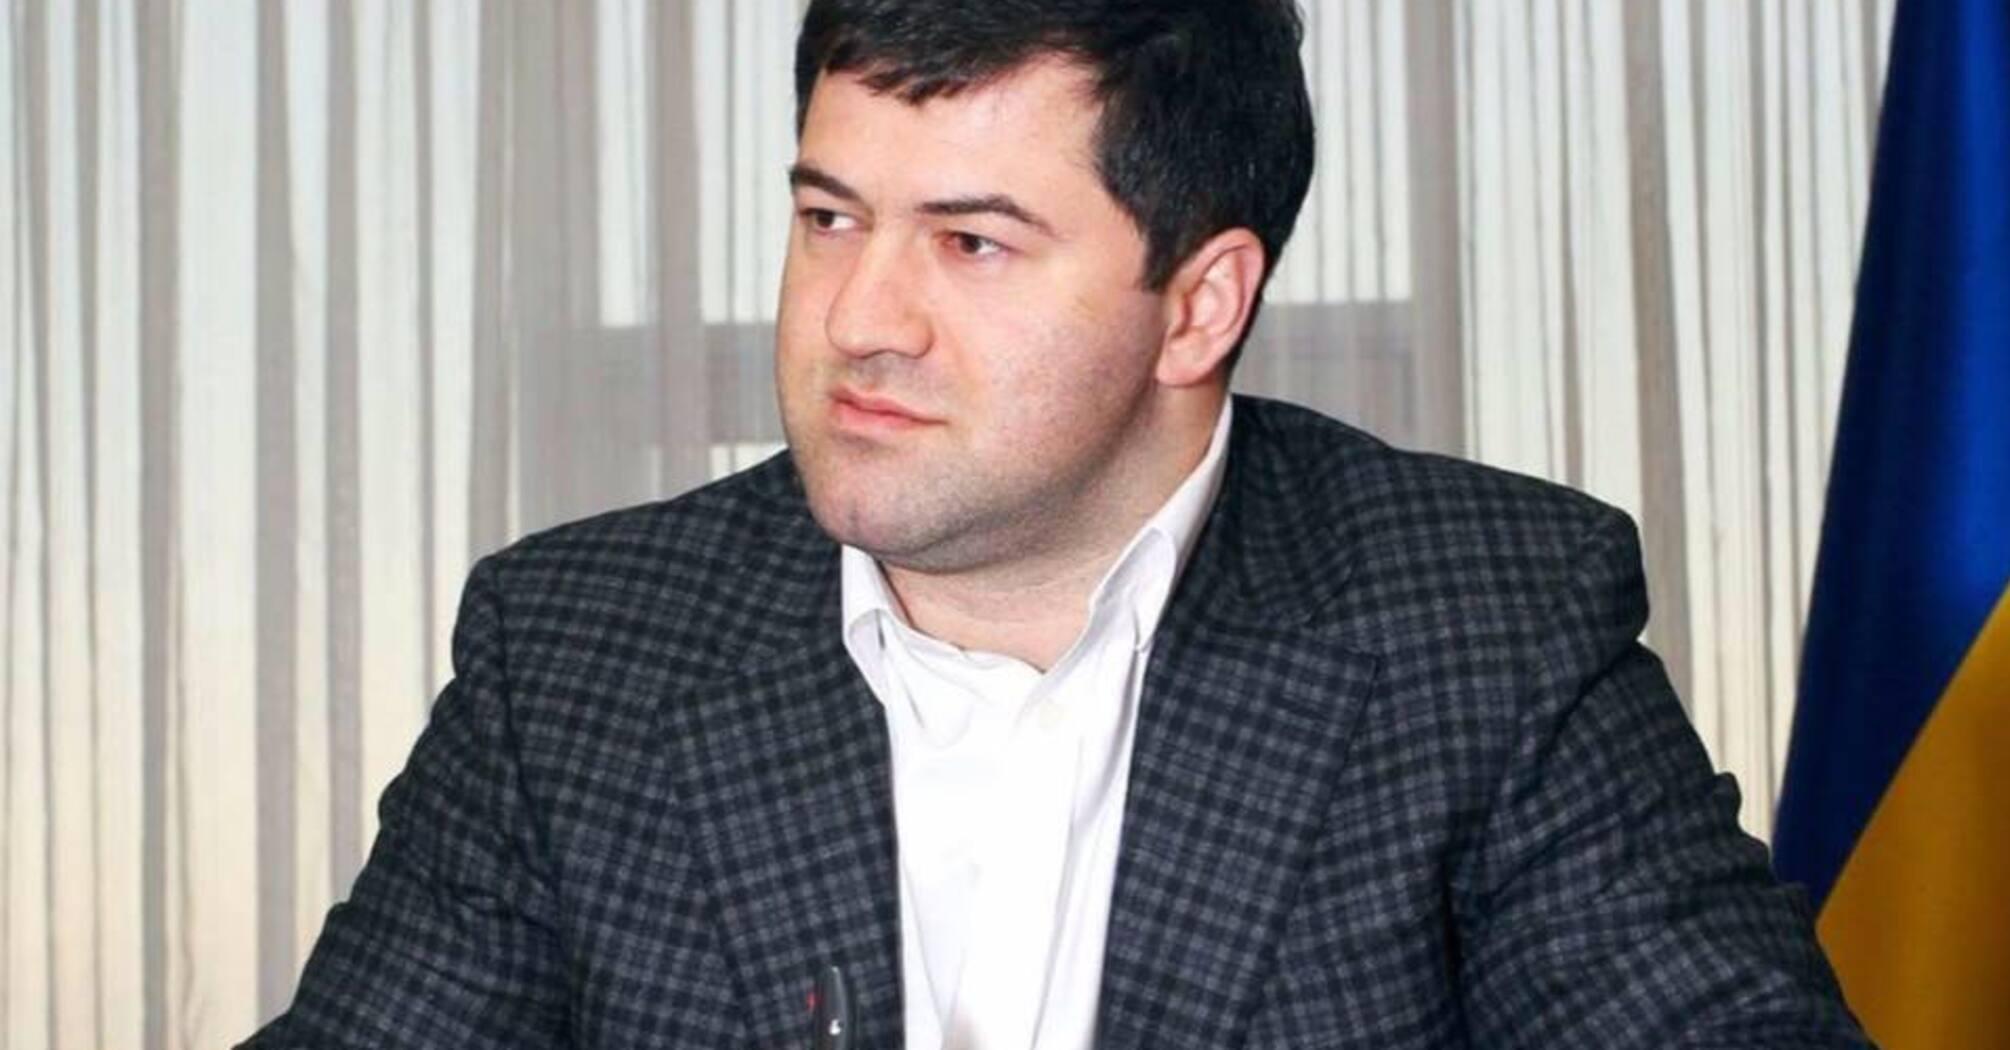 Апеляційний Суд визнав протиправним та скасував розпорядження КабМіну про звільнення Насірова з посади голови ДФС